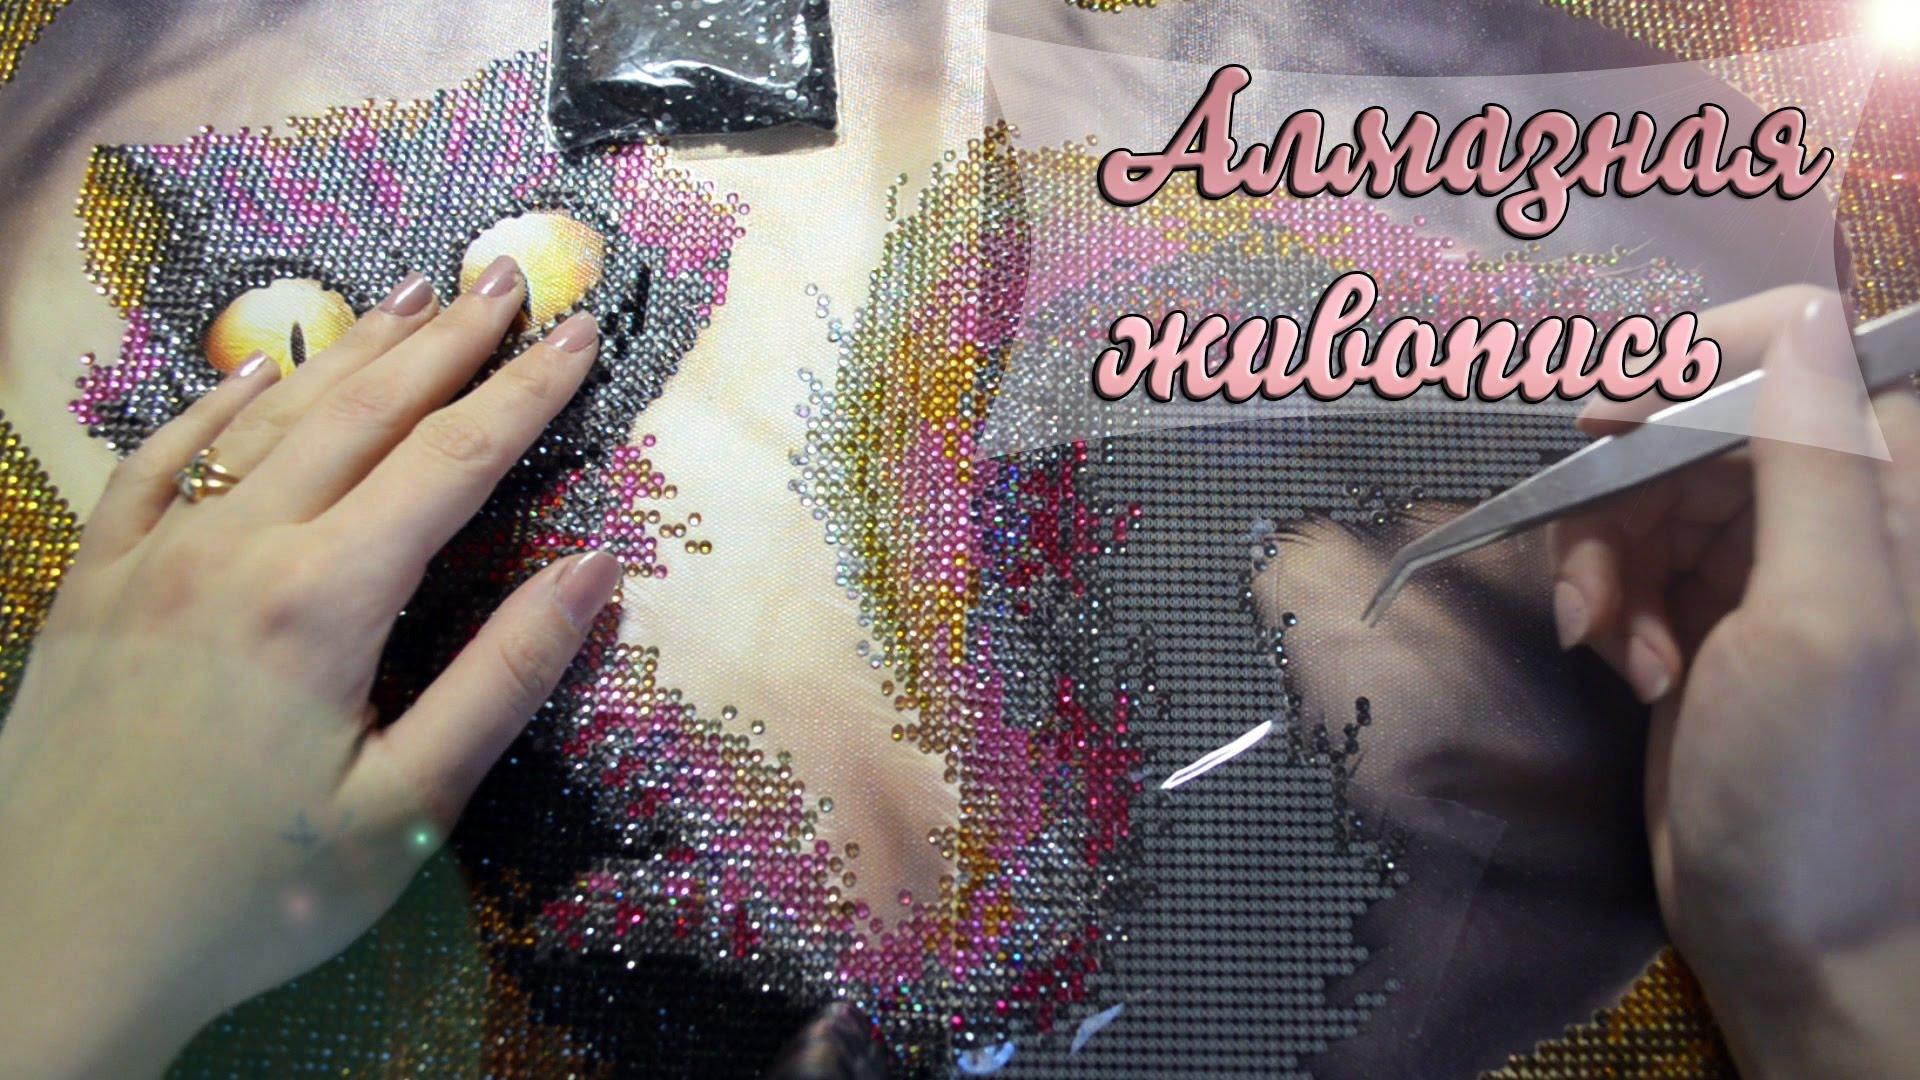 Эксклюзивная алмазная мозаика - изготовленная по Вашему эскизу (фото) 66